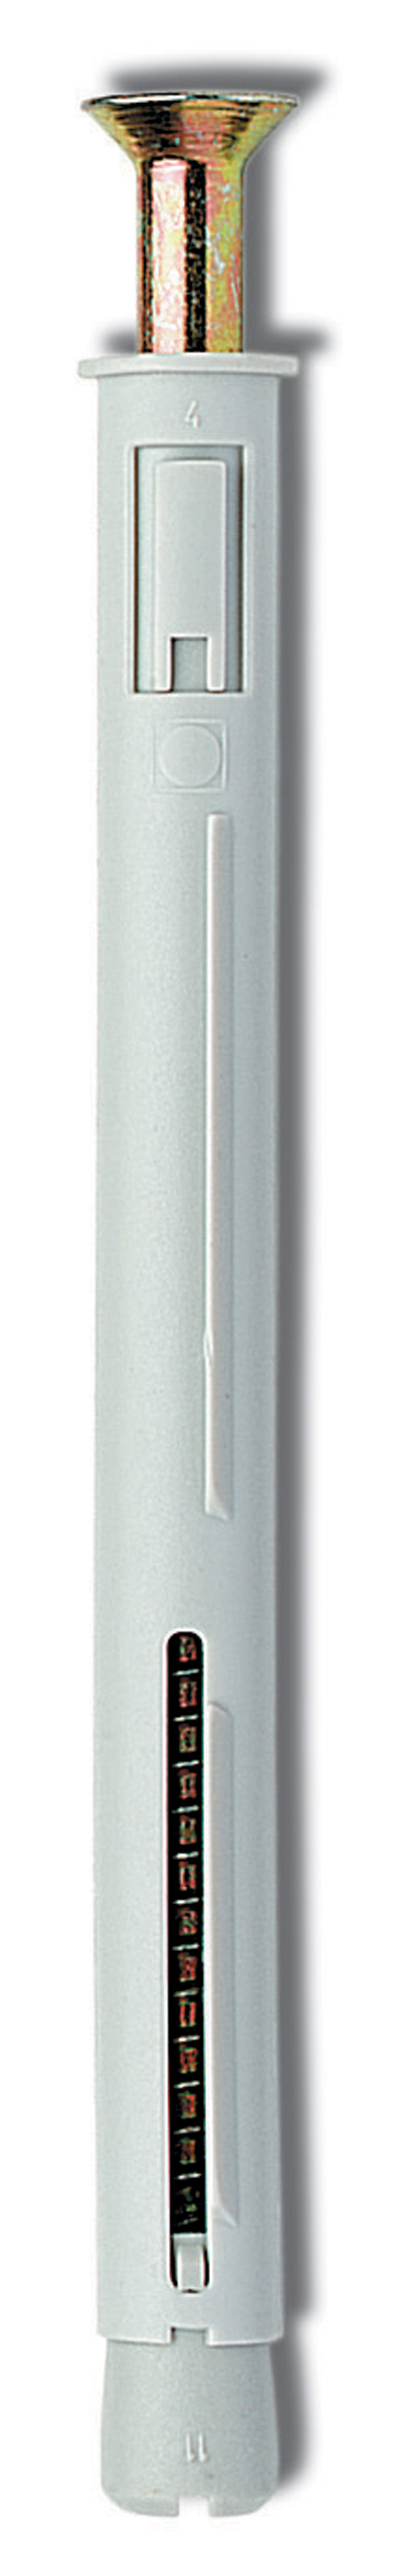 5-BS-Di-BS-ELEMATIC-TASSELLI-ETFP-8X100-PZ-5